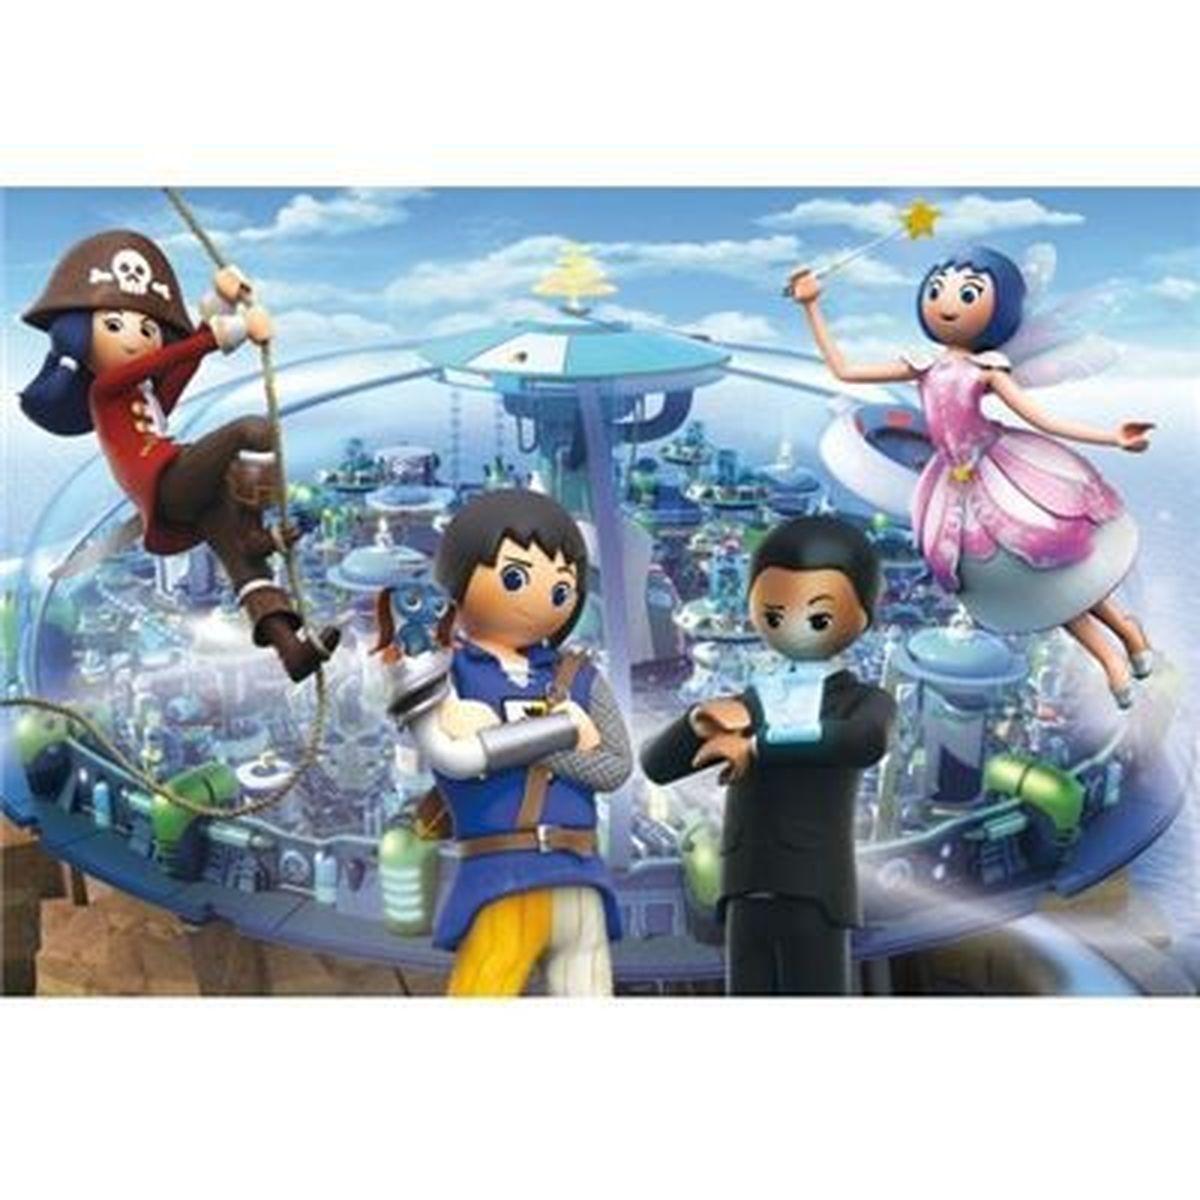 Bild 2 von Schmidt Spiele Playmobil Super 4 - Technopolis, 200 Teile